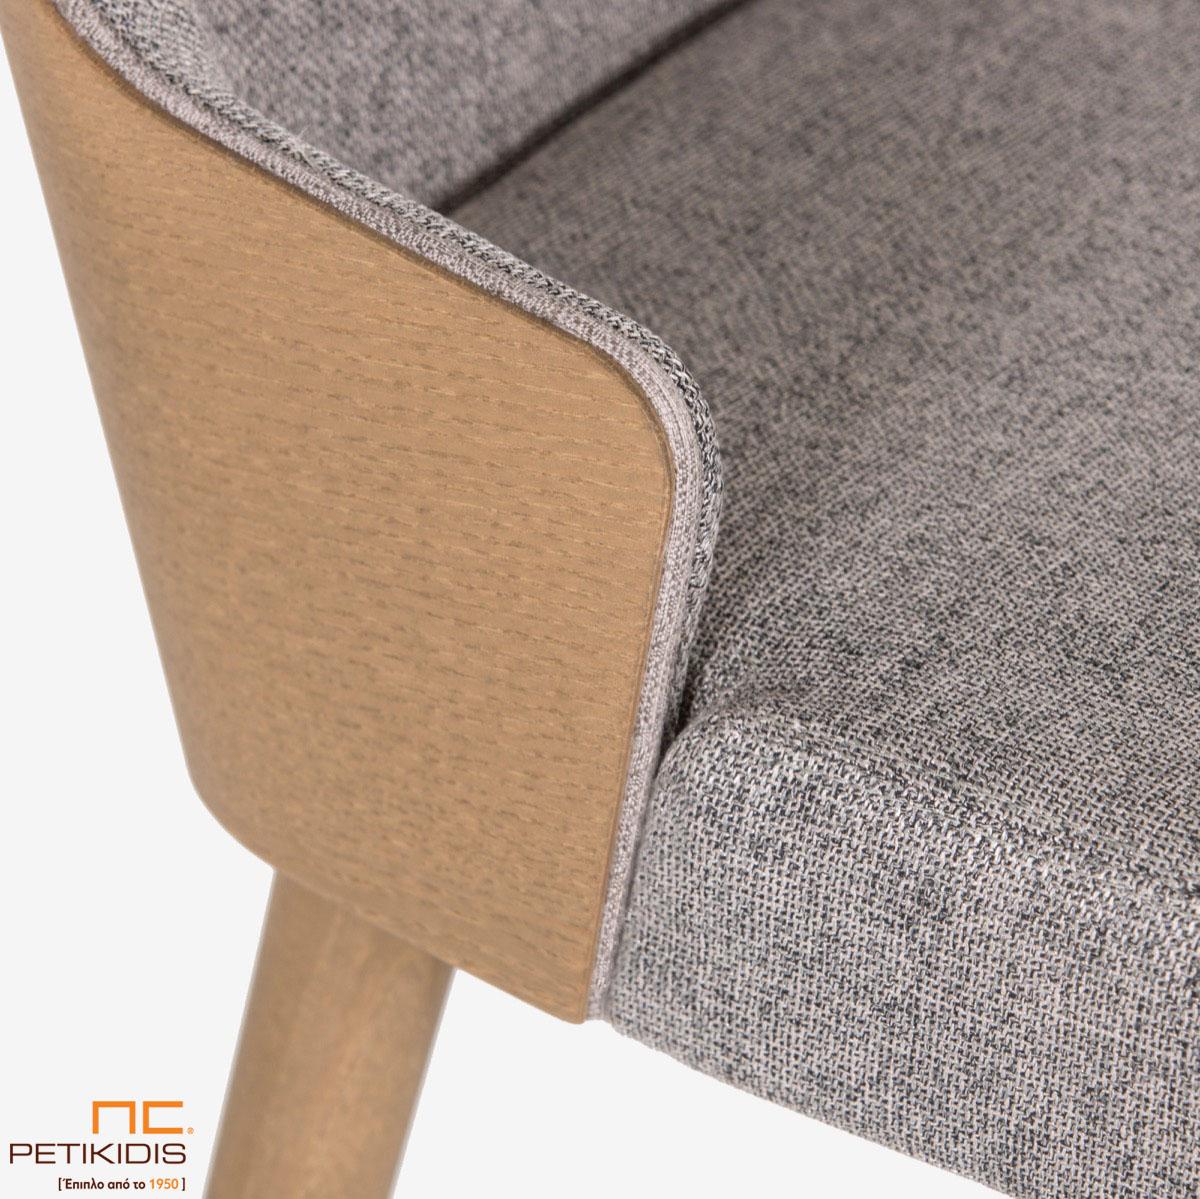 Σκαμπό Lilla ST17 με ξύλο στην πλάτη.Το ύφασμα είναι σε γκρι αποχρώσεις αλέκιαστο και αδιάβροχο. Λεπτομέρεια.